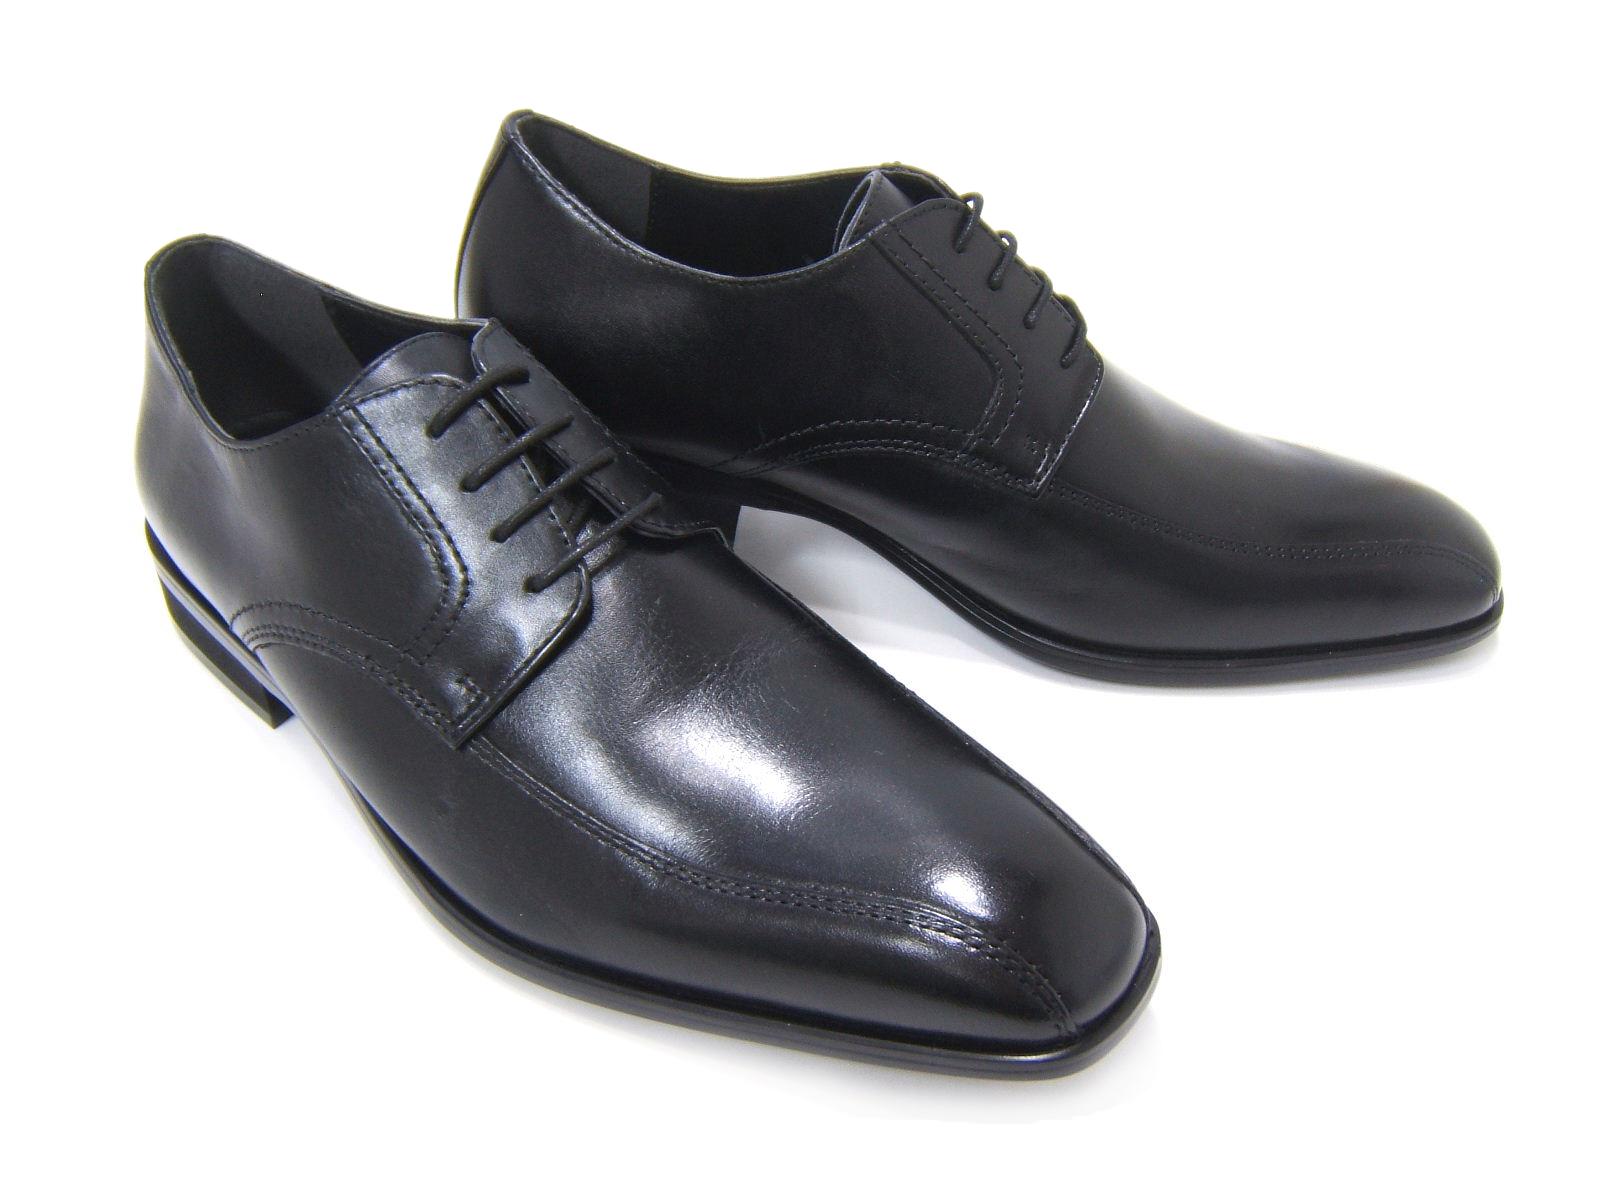 ビジネスシューズ 紳士靴 メンズビジネス 革靴メンズビジネス ヒロコ コシノ3Eワイズ 外羽根 愛され続ける伝統のスワールモカ HIROKO WEB限定 HK127-BLK紳士靴 スワールモカ 全品送料無料 KOSHINO ブラック コシノ ロングノーズ3Eワイズ ビジネス 送料無料